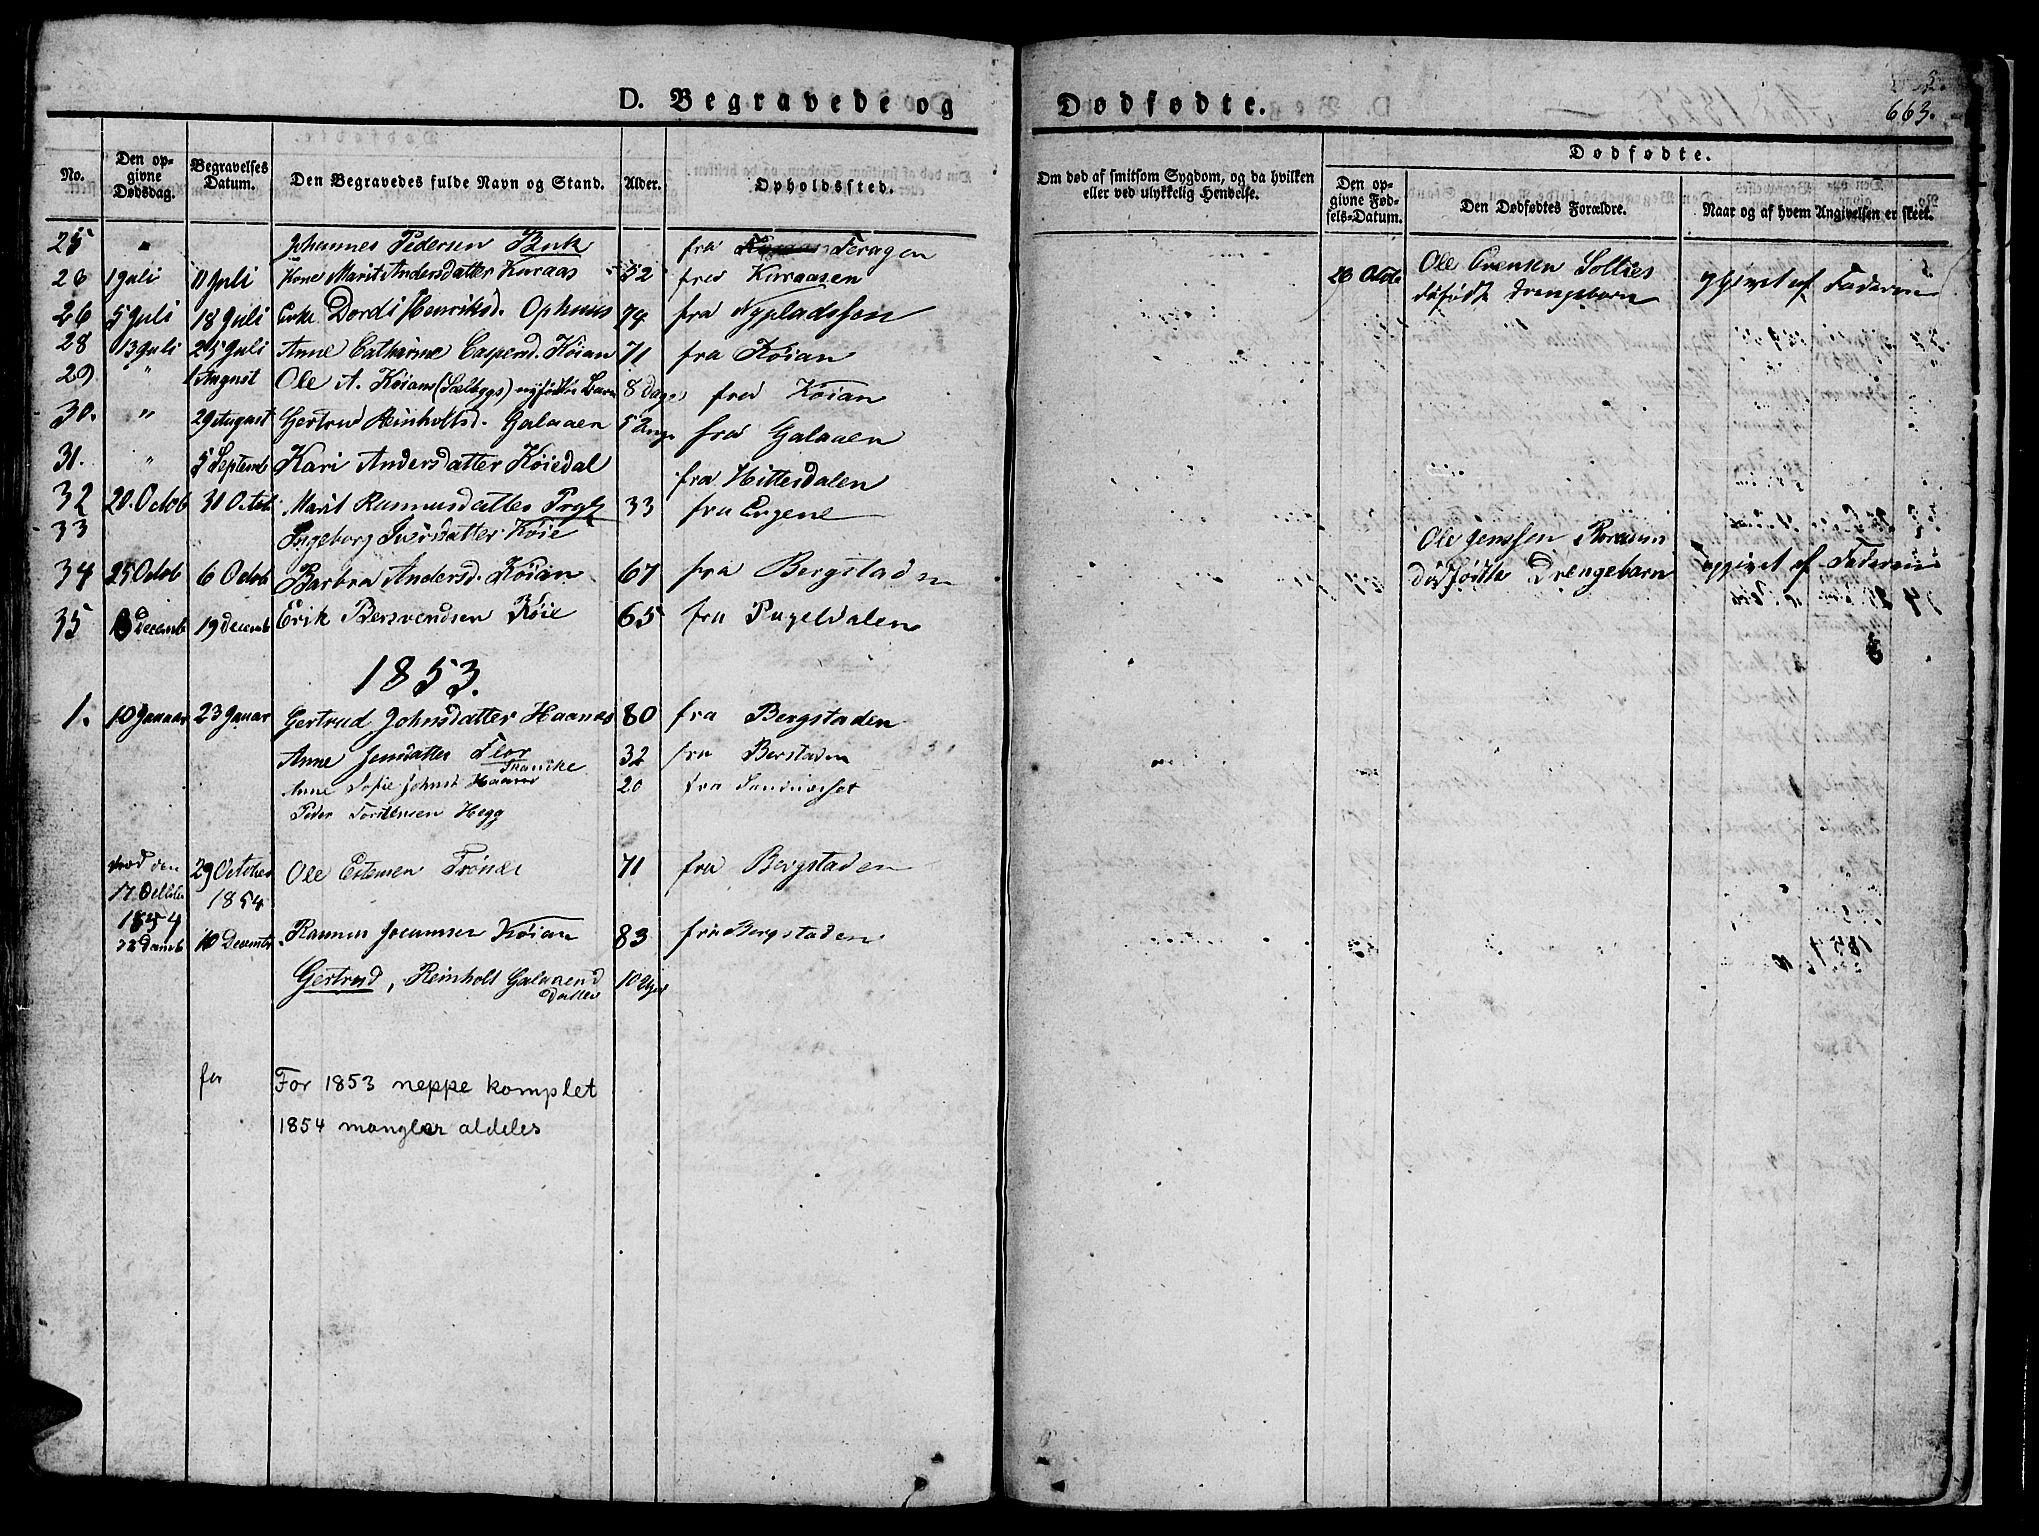 SAT, Ministerialprotokoller, klokkerbøker og fødselsregistre - Sør-Trøndelag, 681/L0939: Klokkerbok nr. 681C03, 1829-1855, s. 663